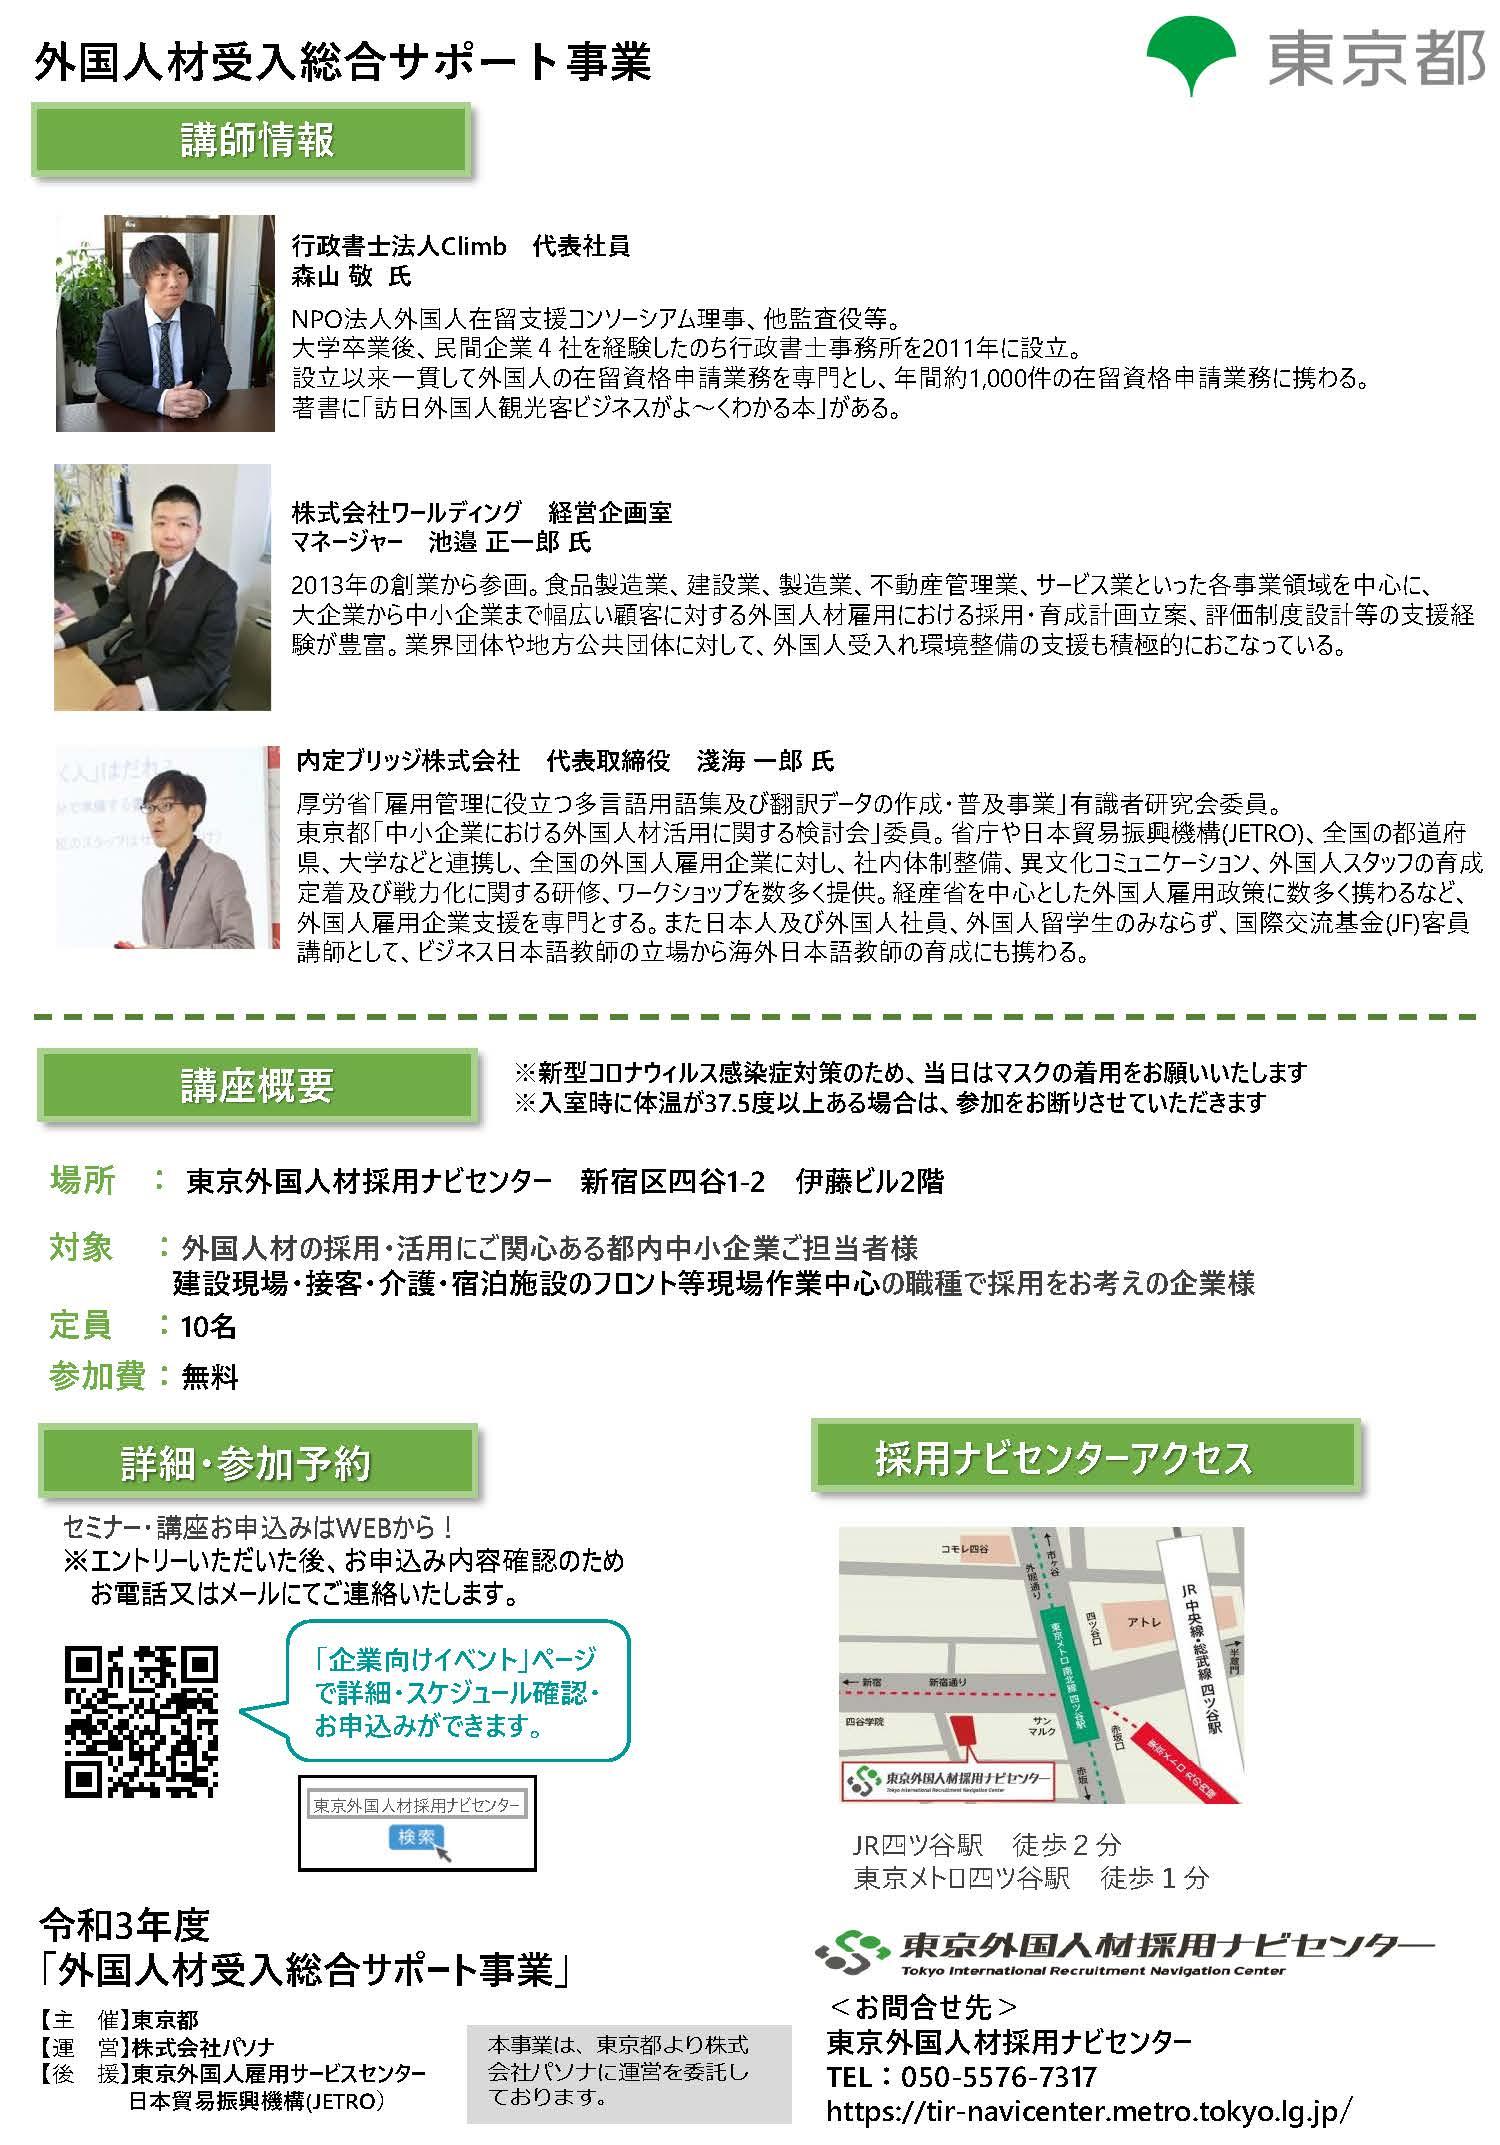 外国人材採用・定着講座:一般人材コース ~採用準備編~